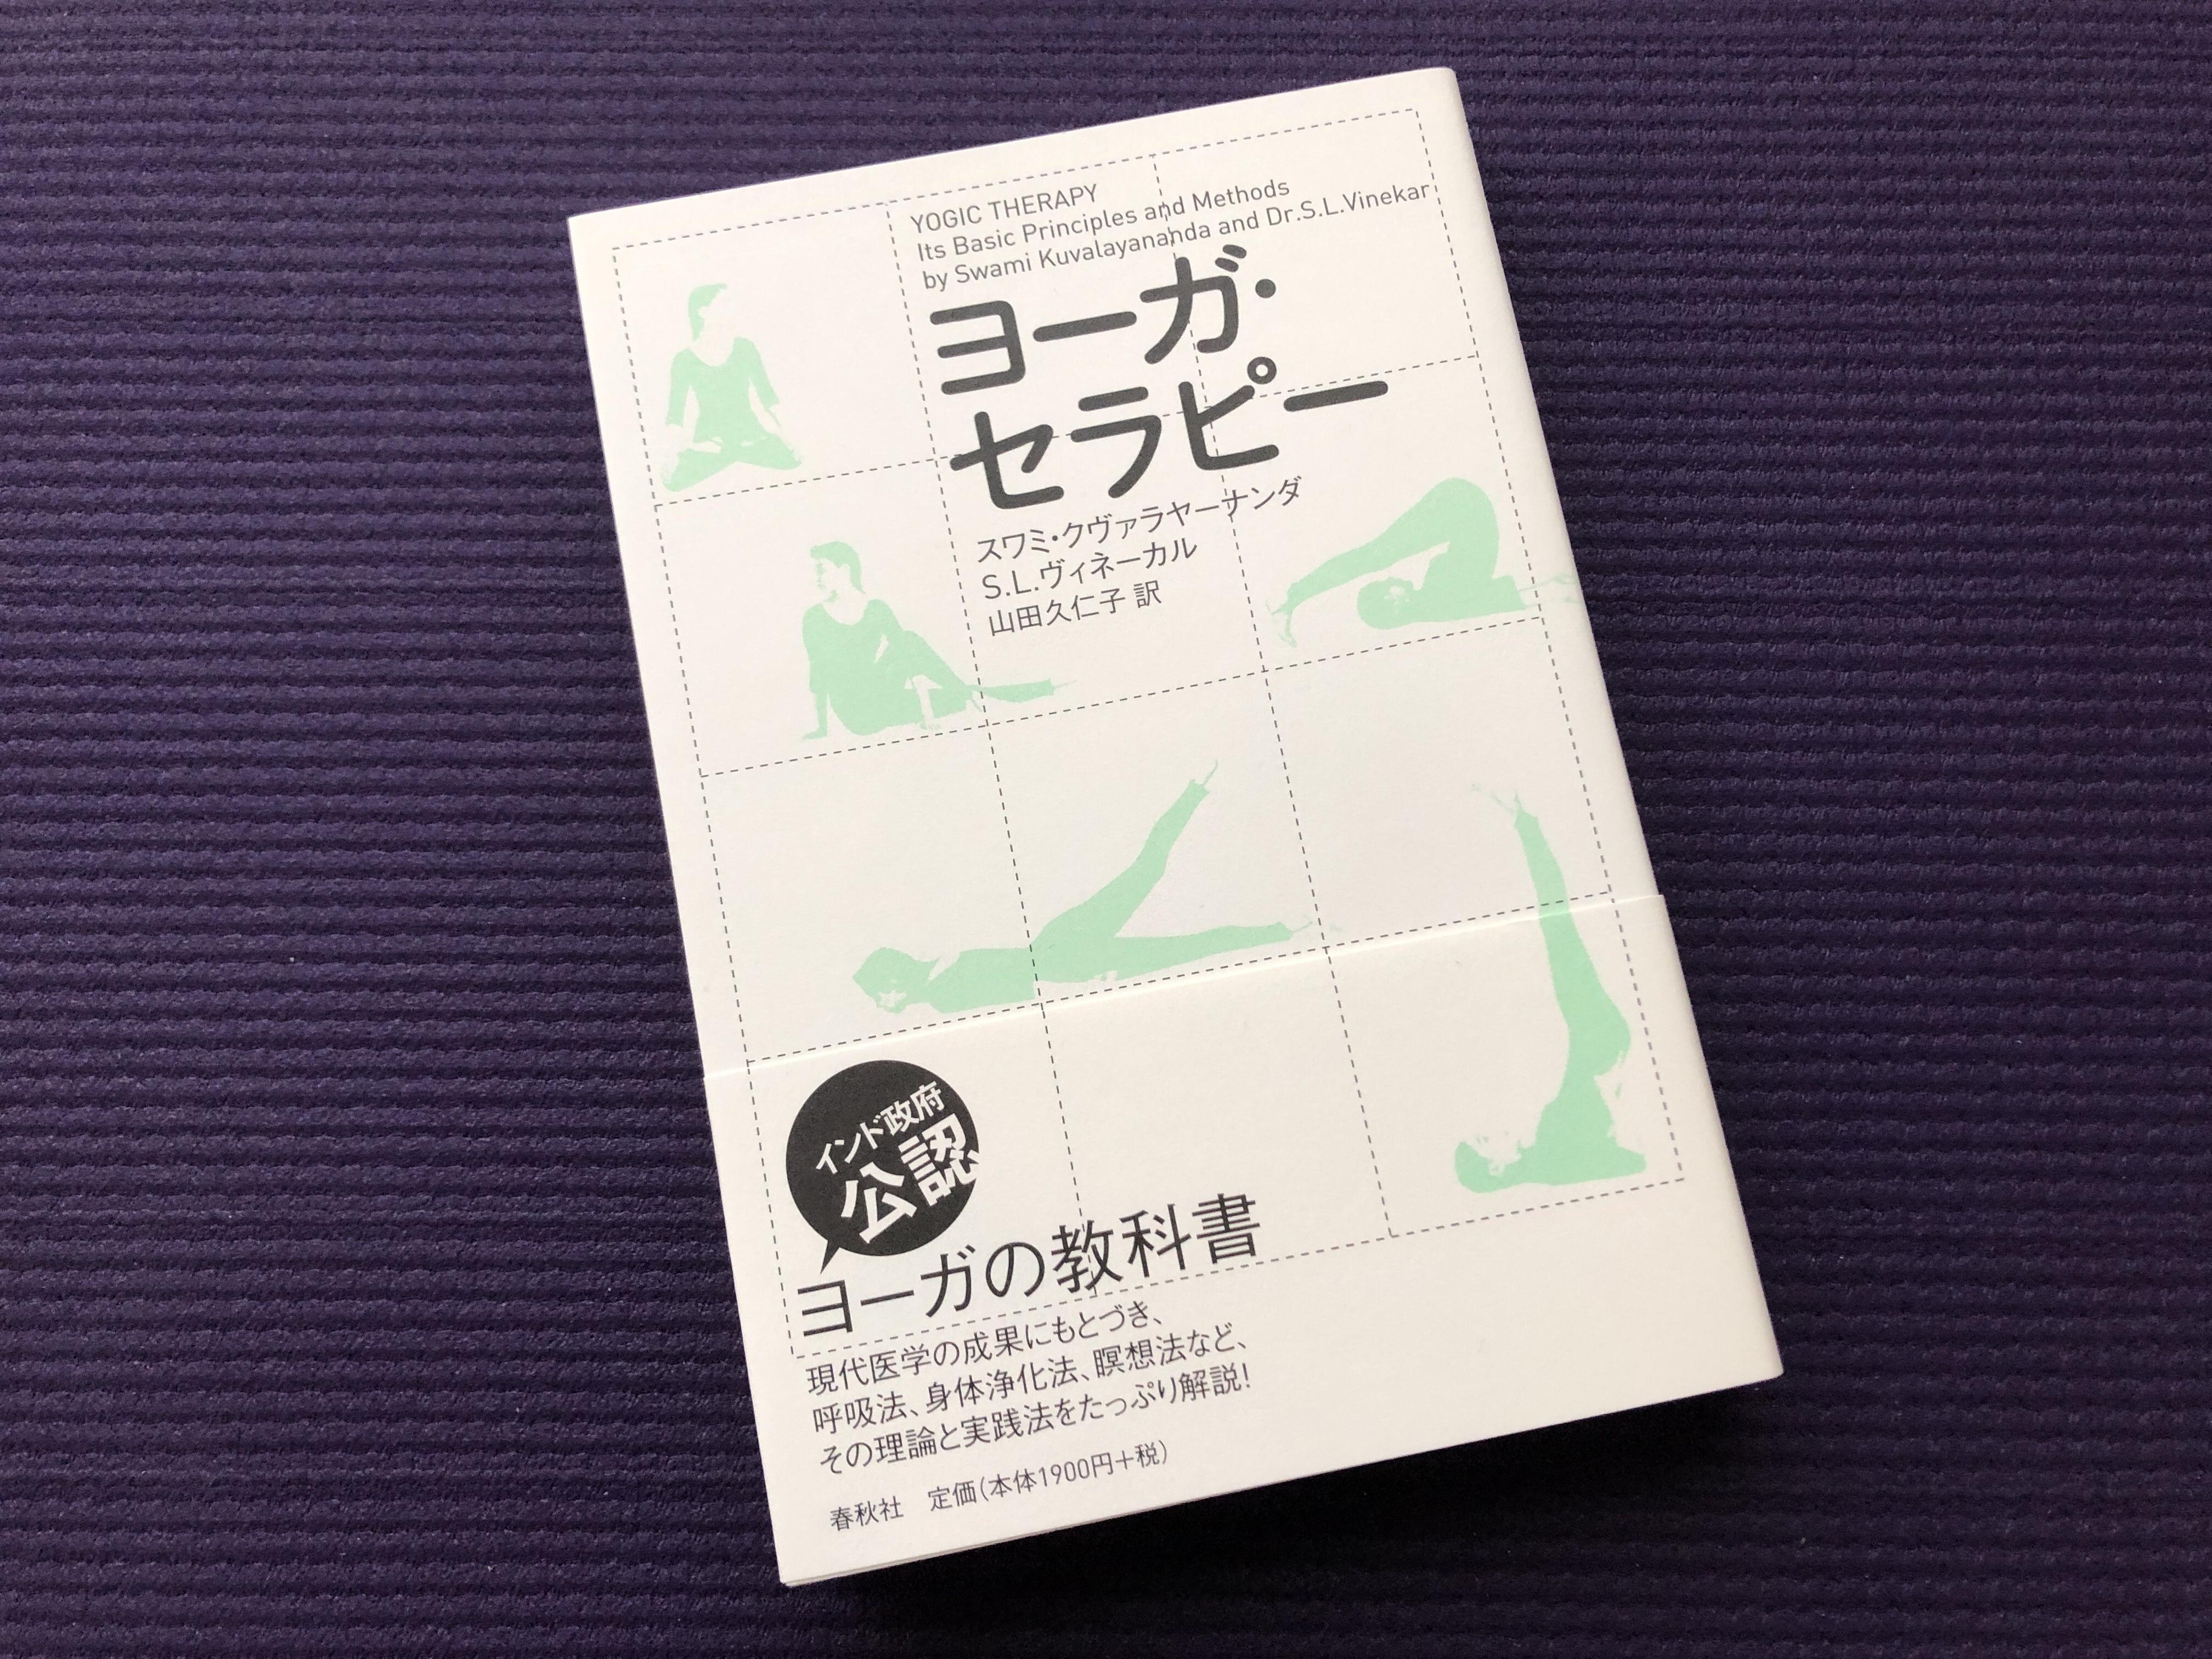 ヨーガ・セラピー|書籍紹介